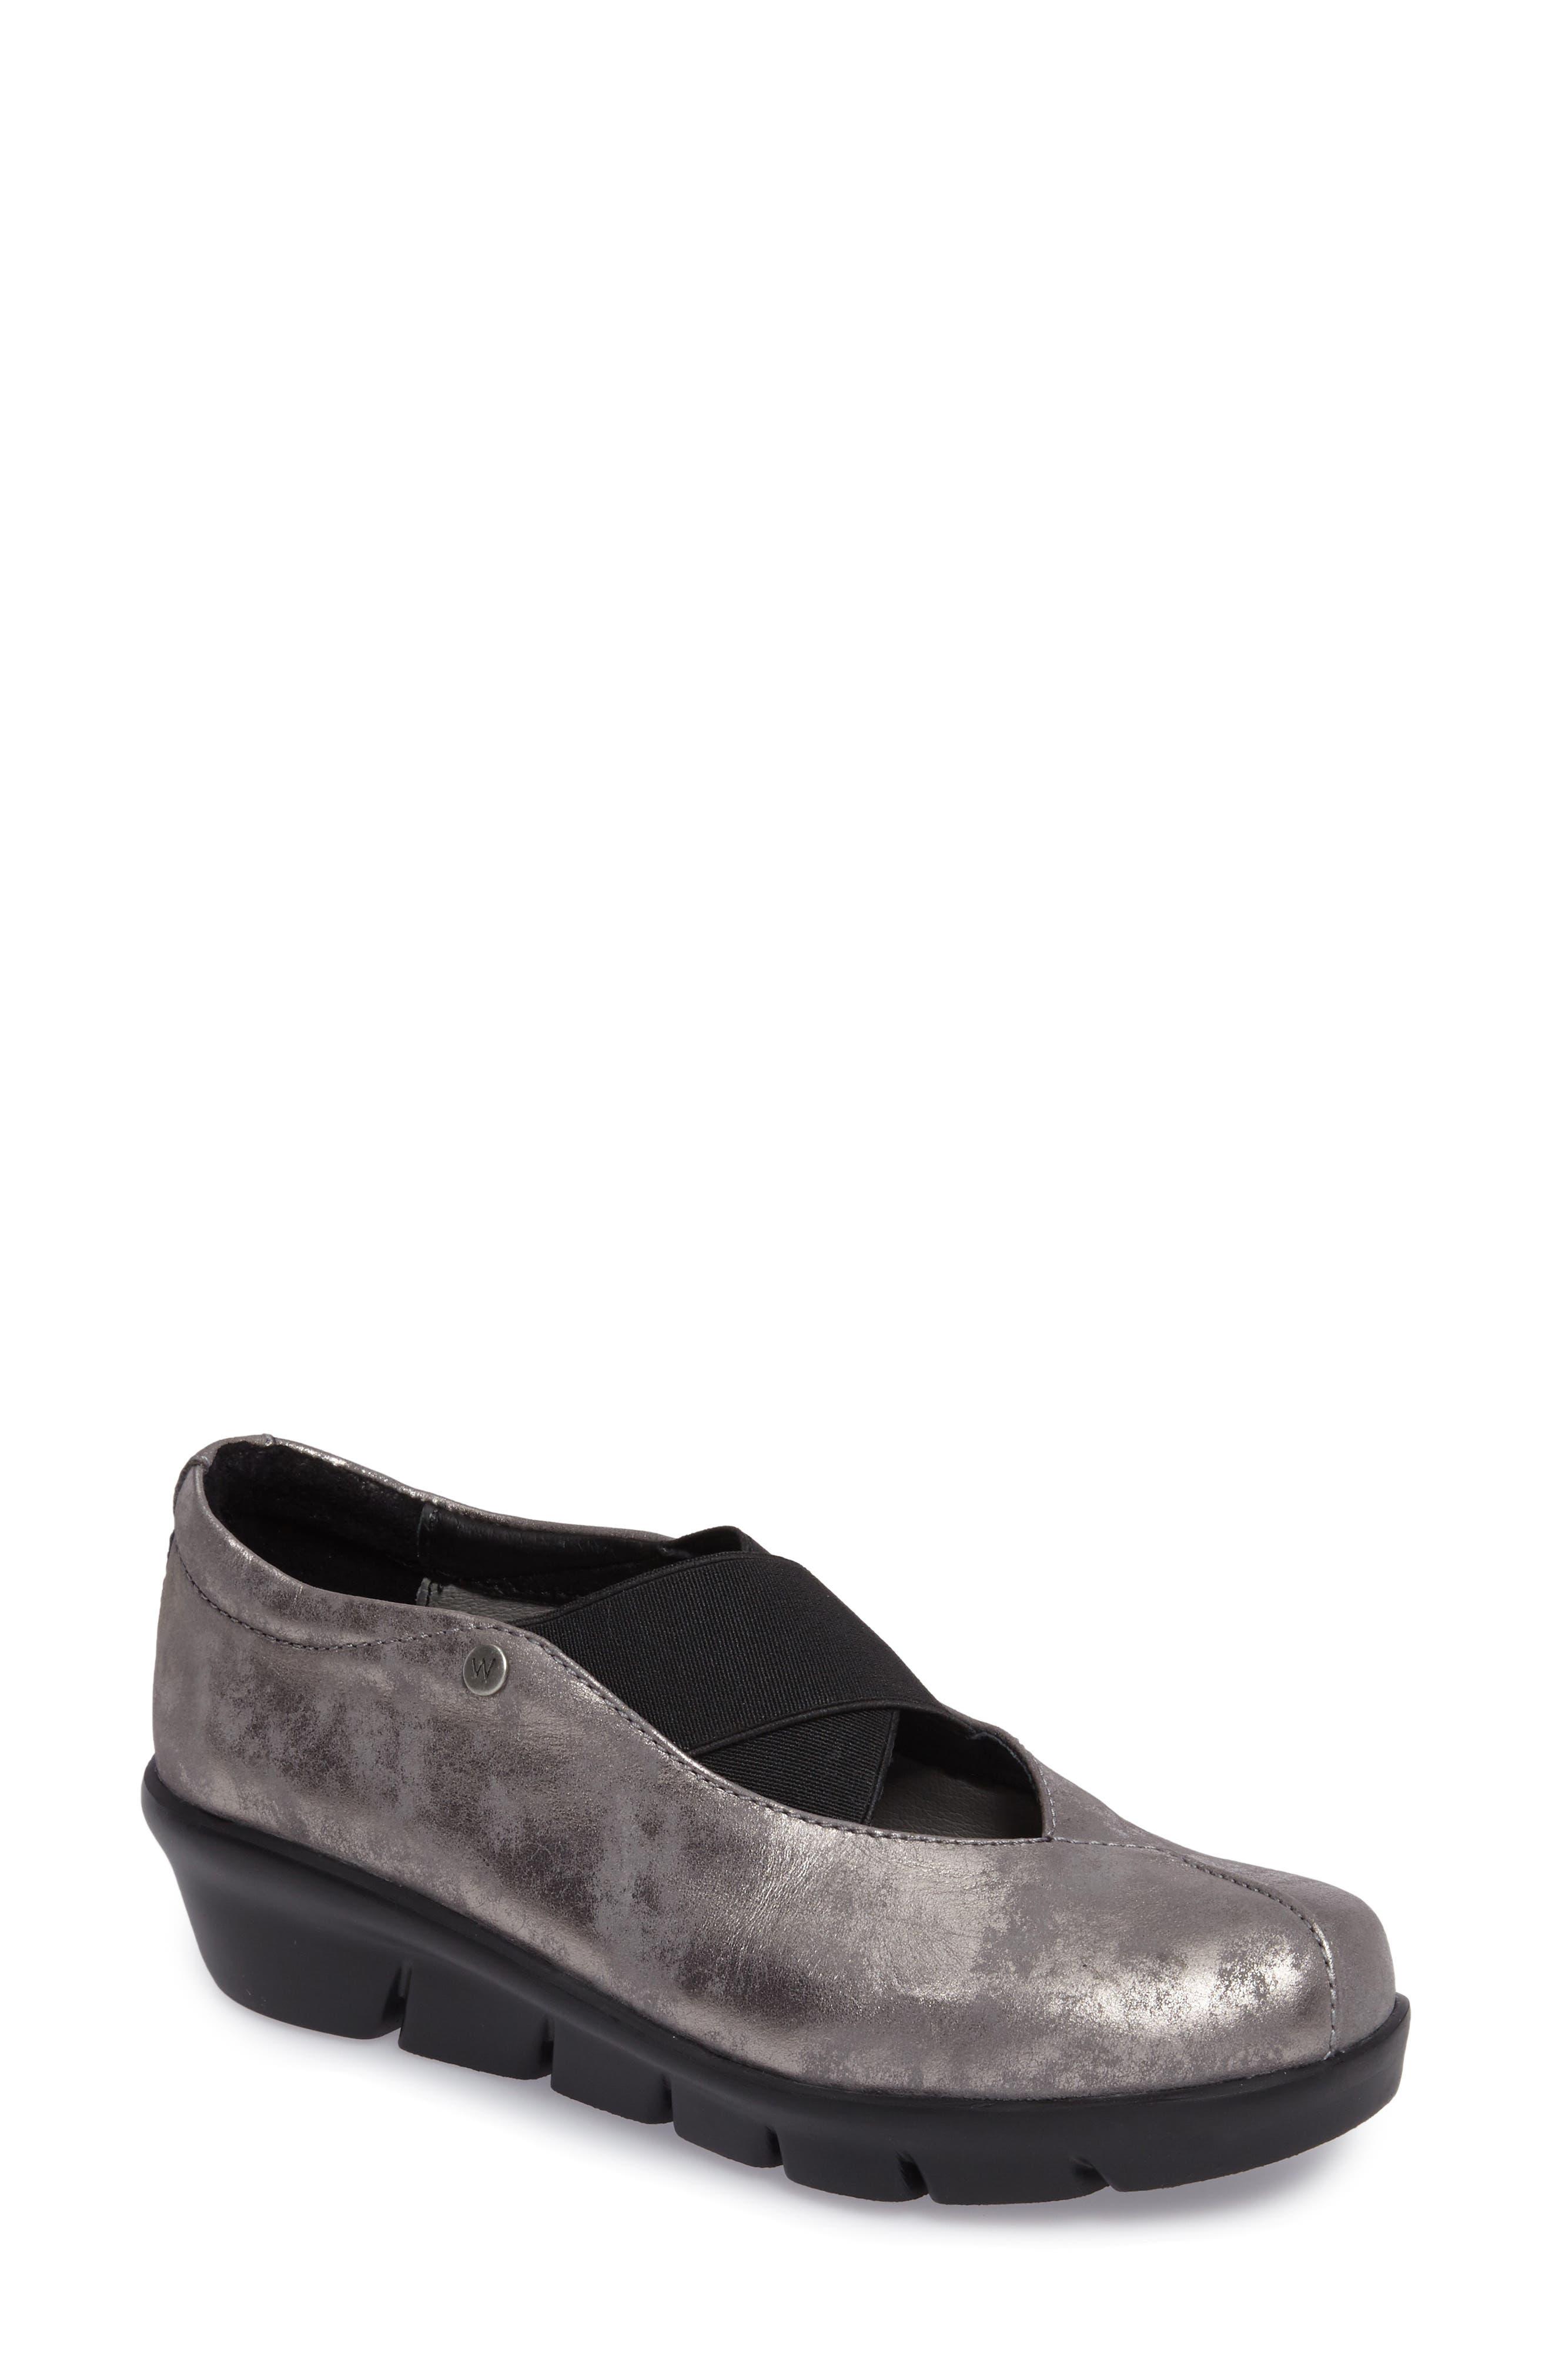 Wolky Cursa Slip-On Sneaker (Women)